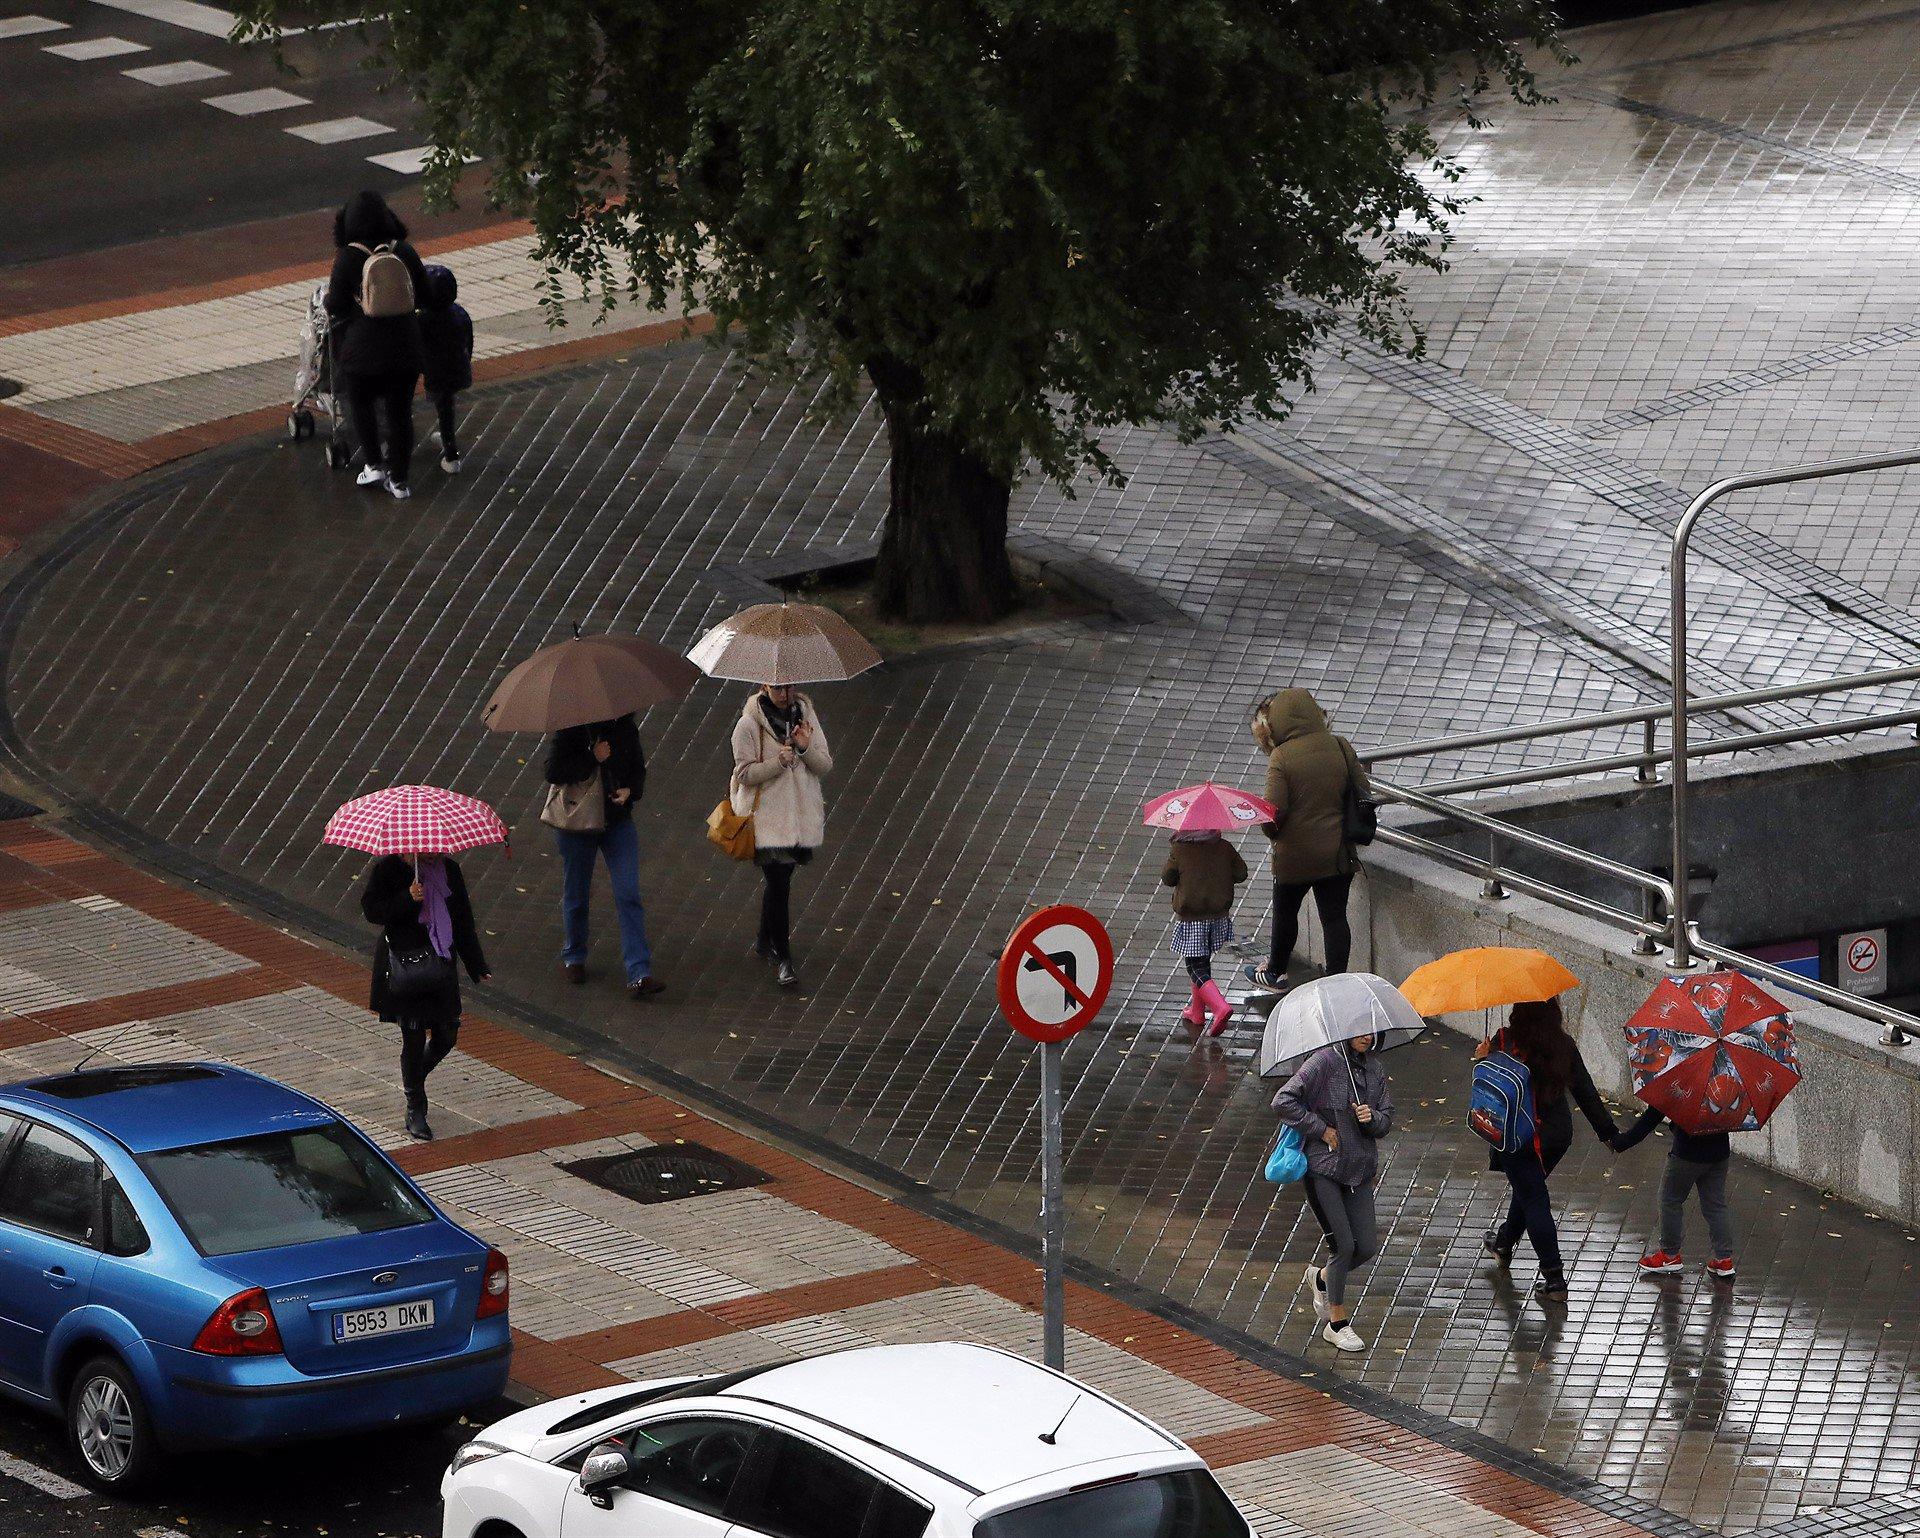 Protección Civil alerta por lluvias y tormentas que dejarán hasta 100 l/m2 en 12 horas en la vertiente mediterránea